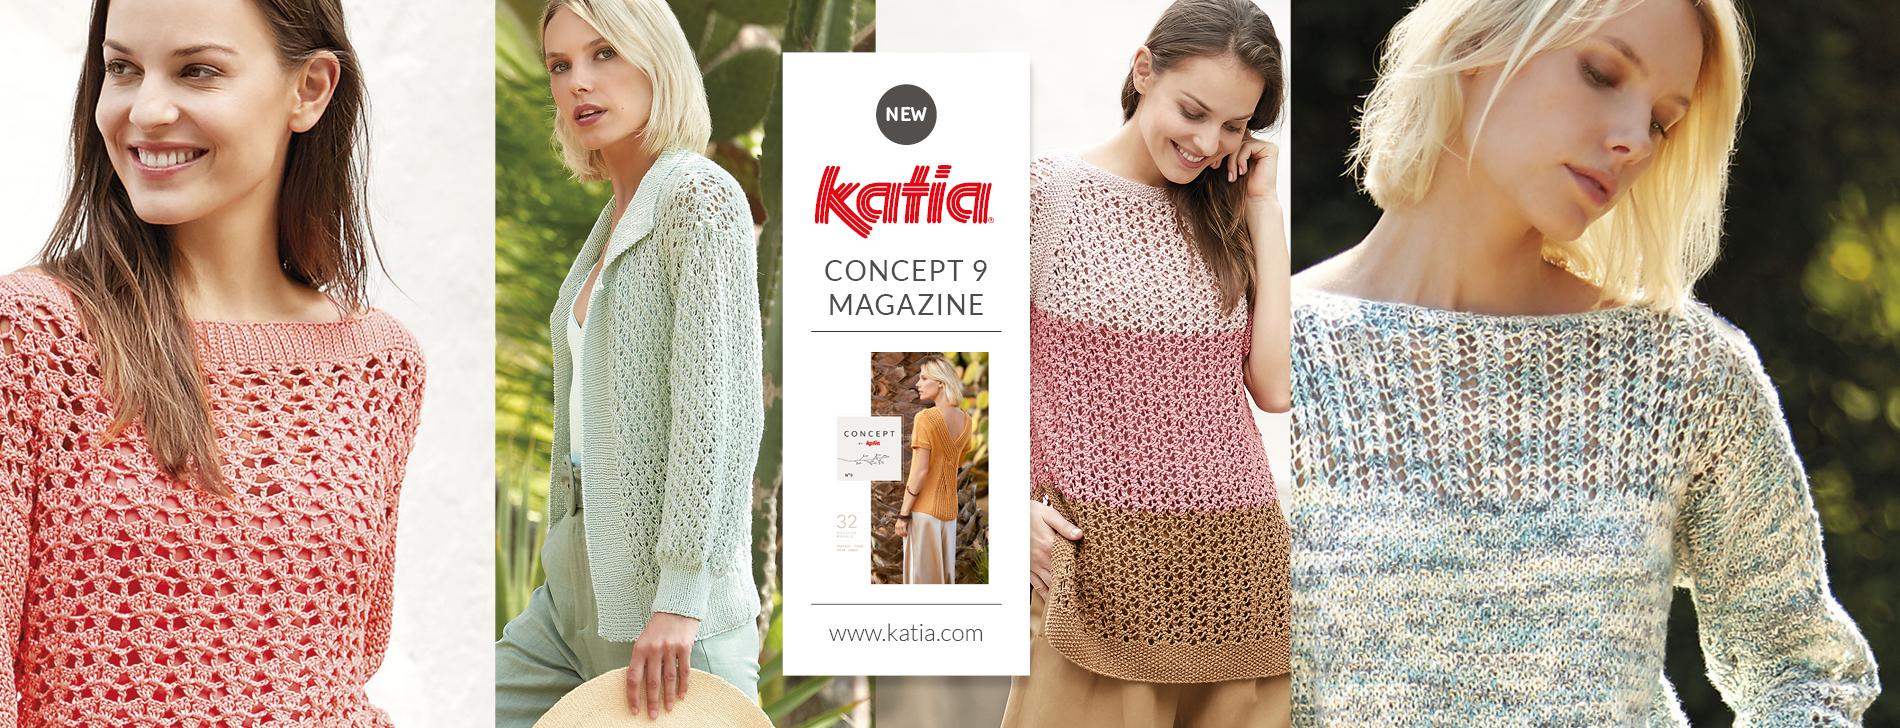 kantpatronen Concept by Katia